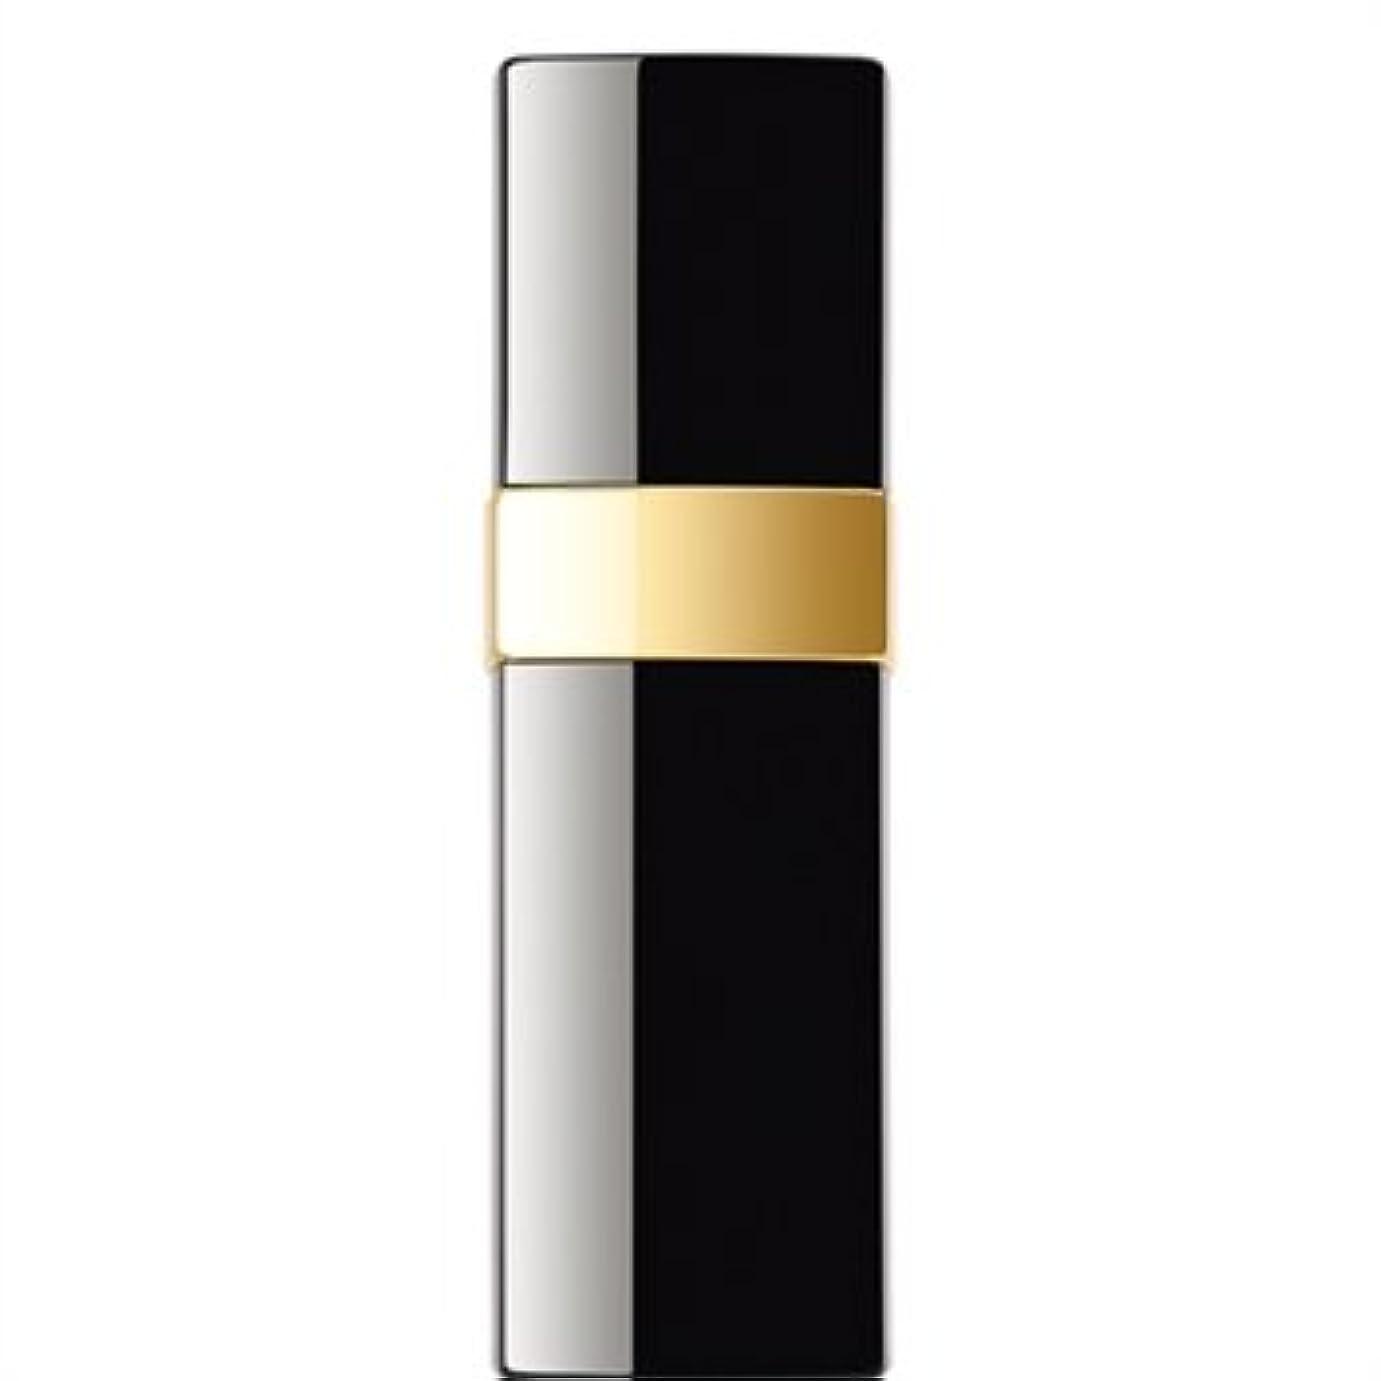 段階グレートオーク個性CHANEL(シャネル) No.5 香水 7.5ml バーススプレイ